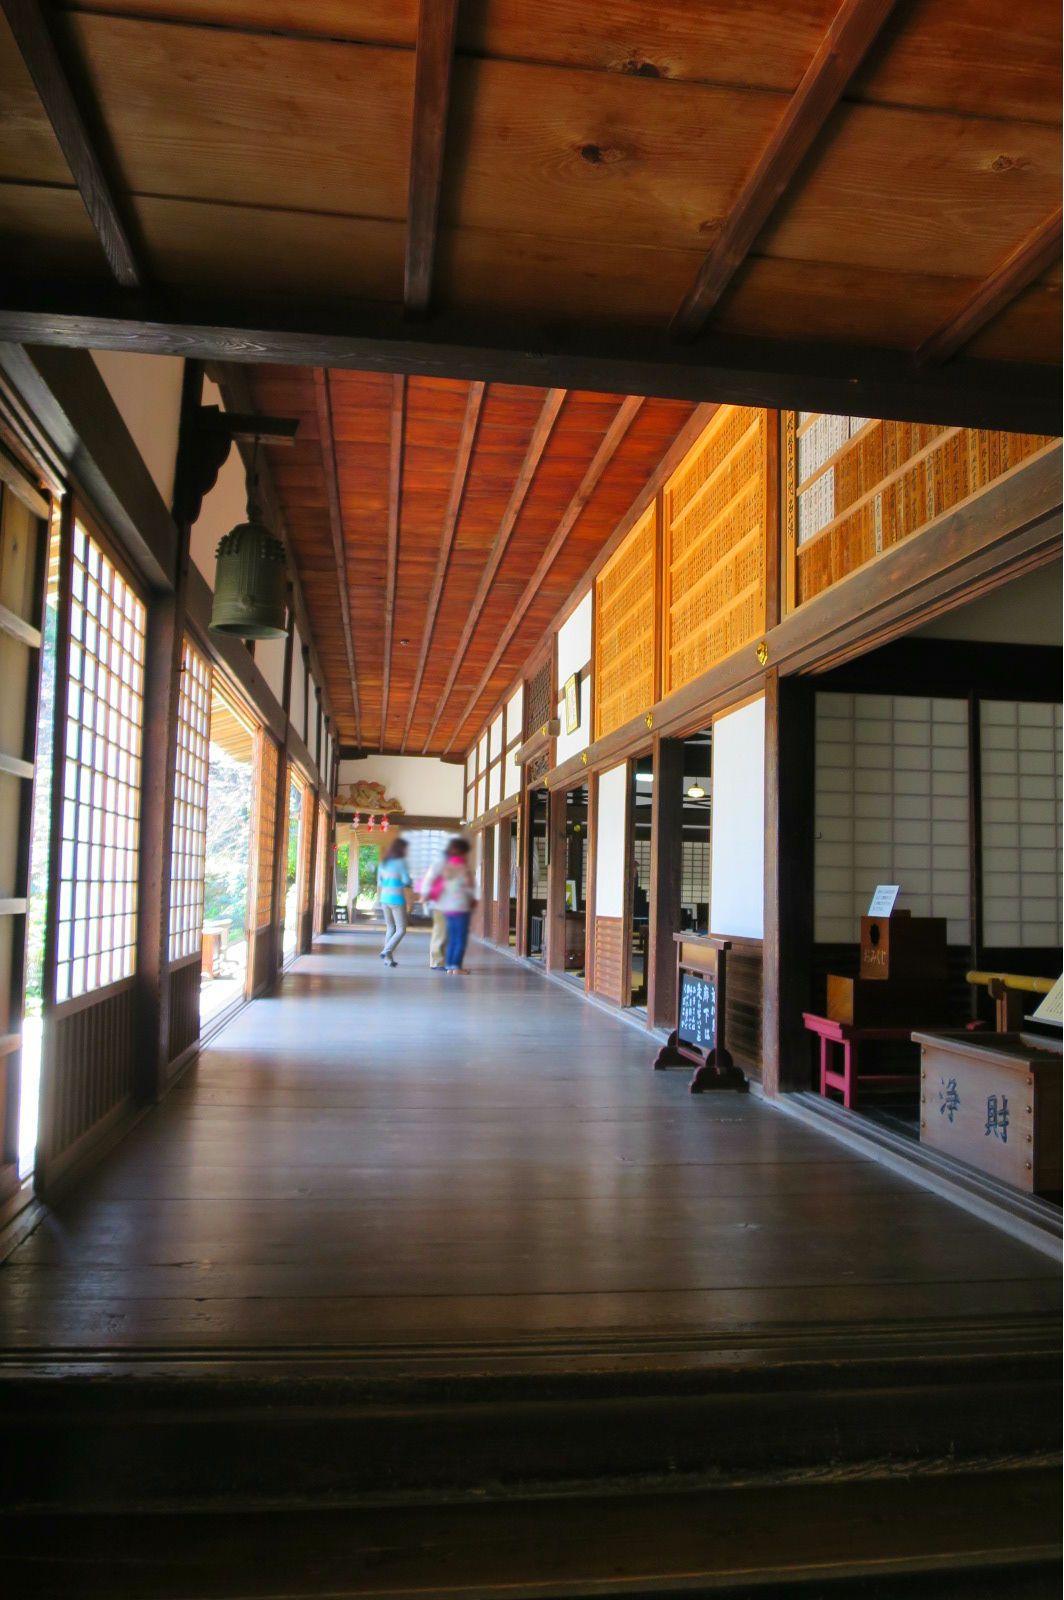 伝説の名工・左甚五郎作「鴬張りの廊下」